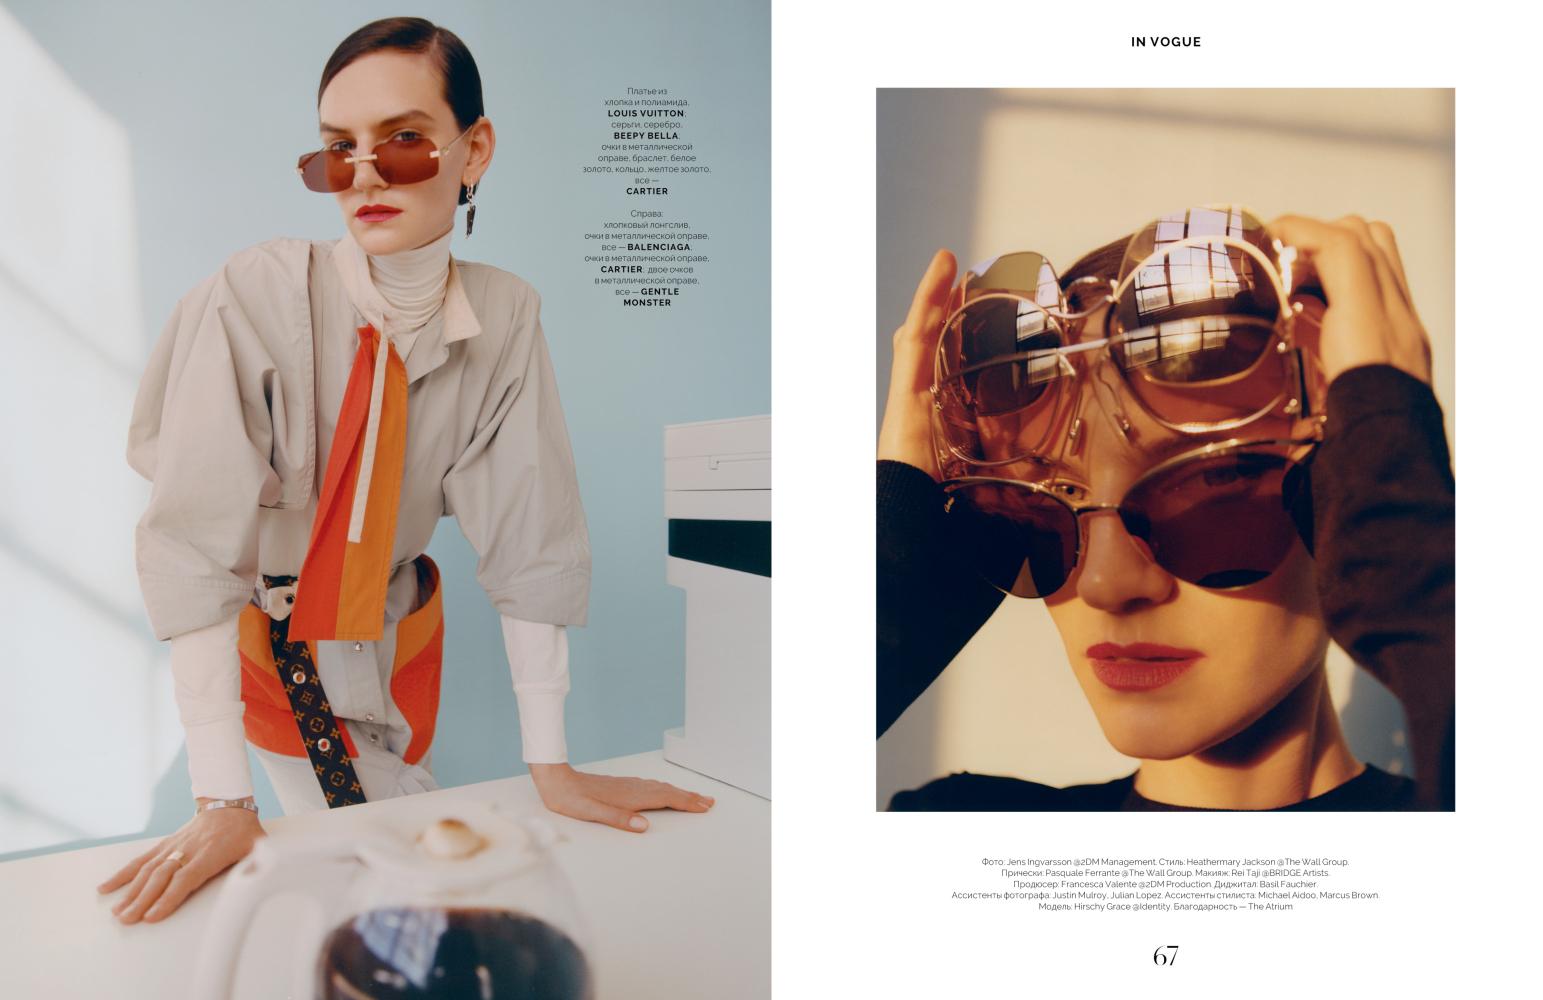 Hirschy Grace - Jens Ingvarsson - Vogue Ukraine - April 21